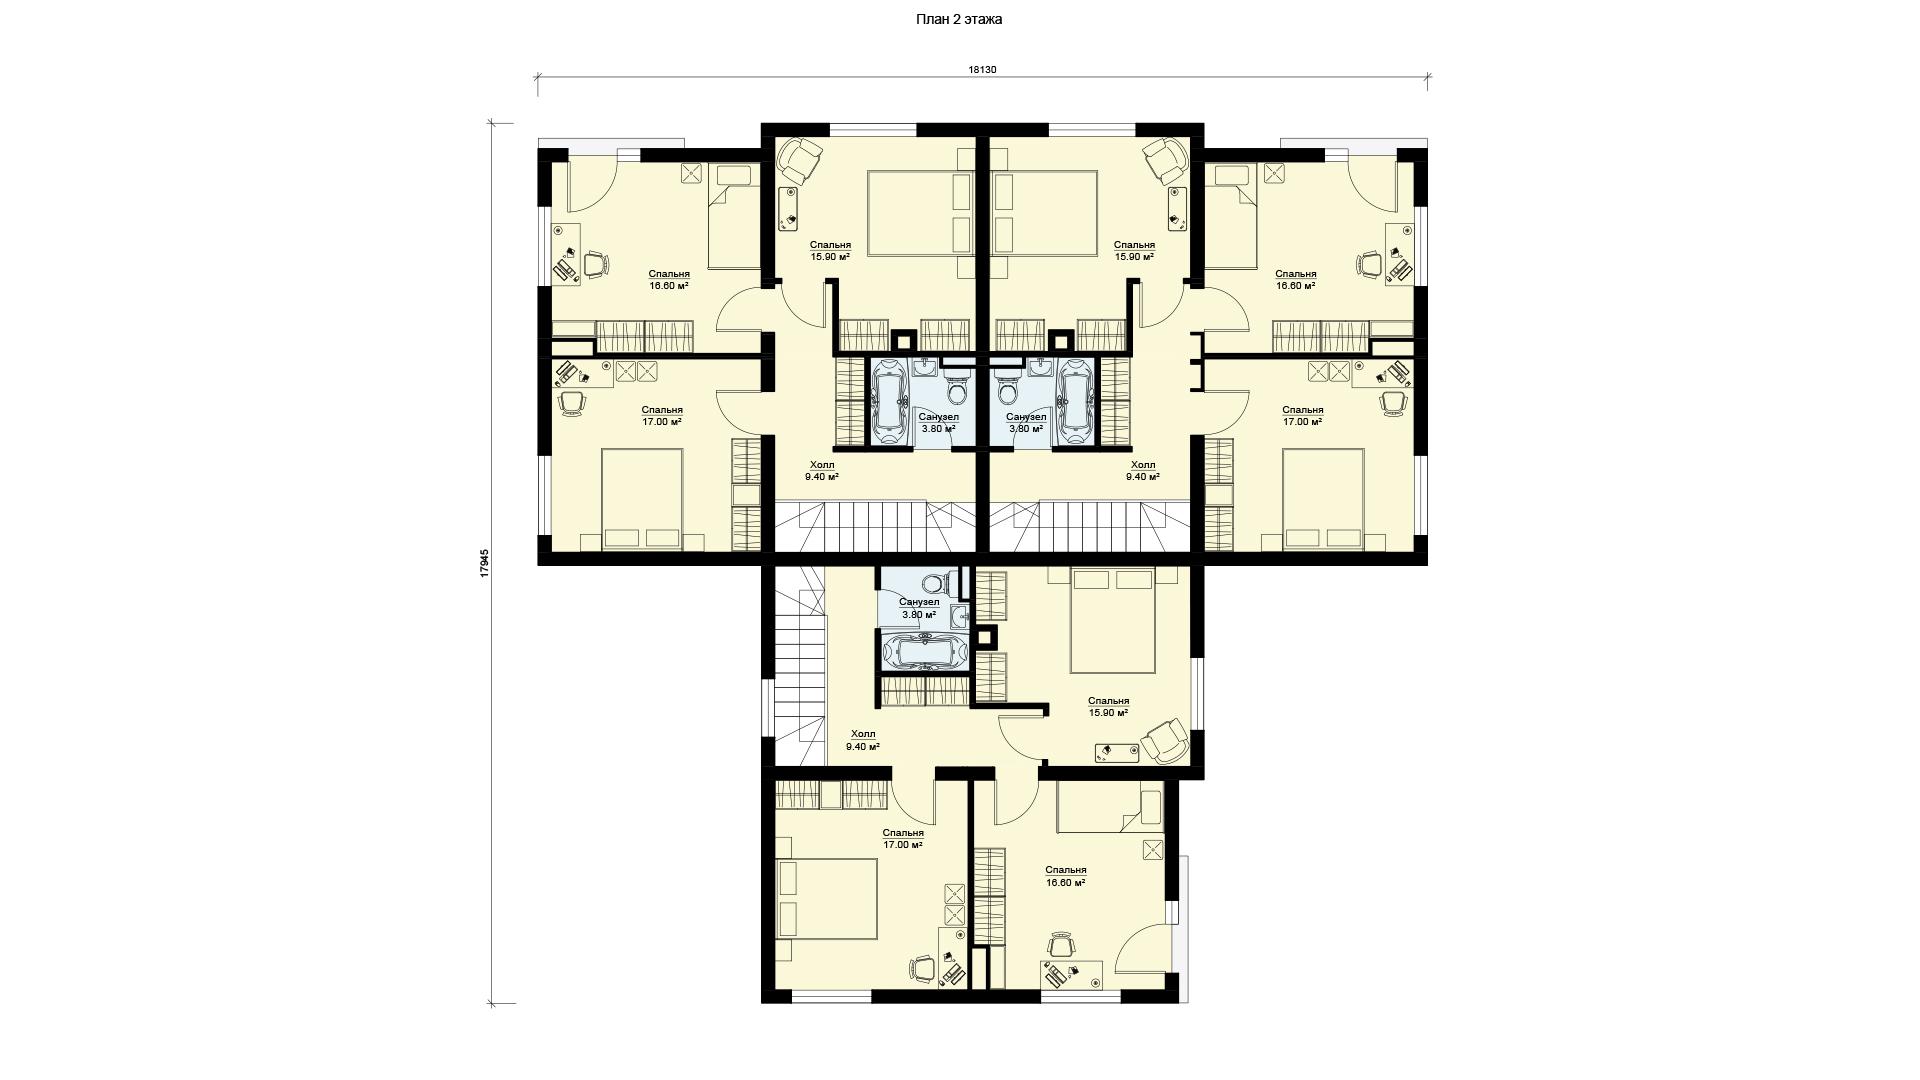 Планировка второго этажа проекта МС-472.